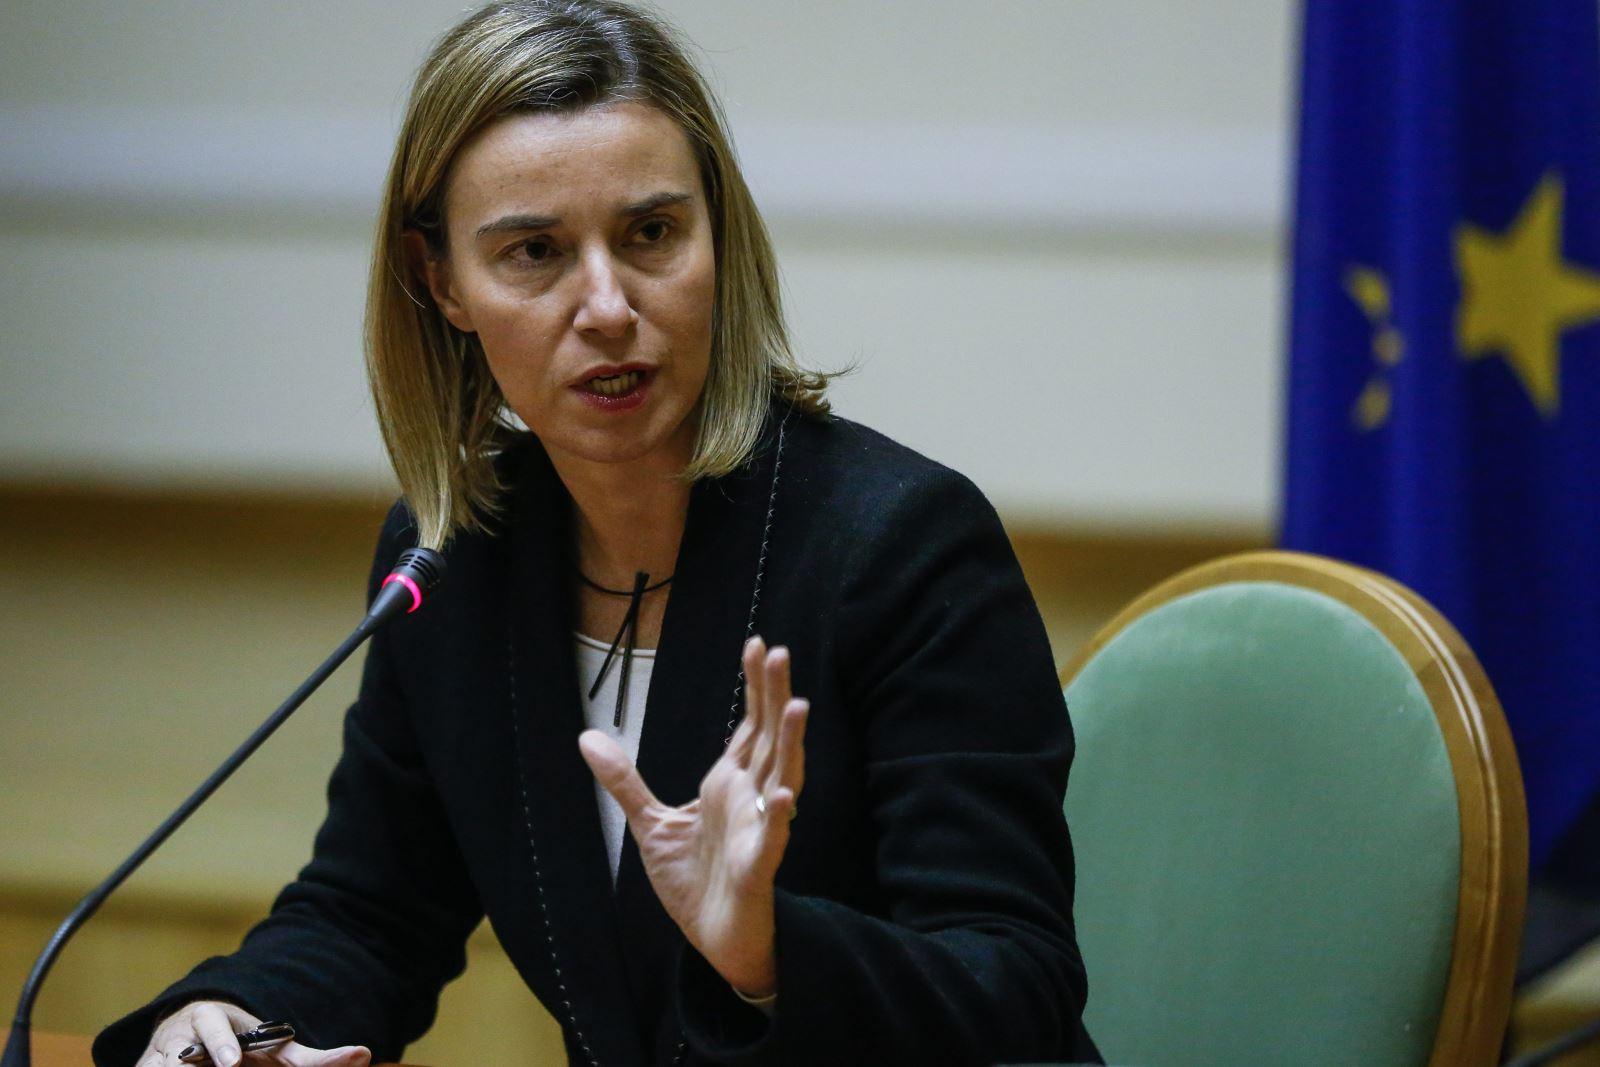 Ключові моменти виступу Ф. Могеріні по Азову в ЄП 23.10.2018